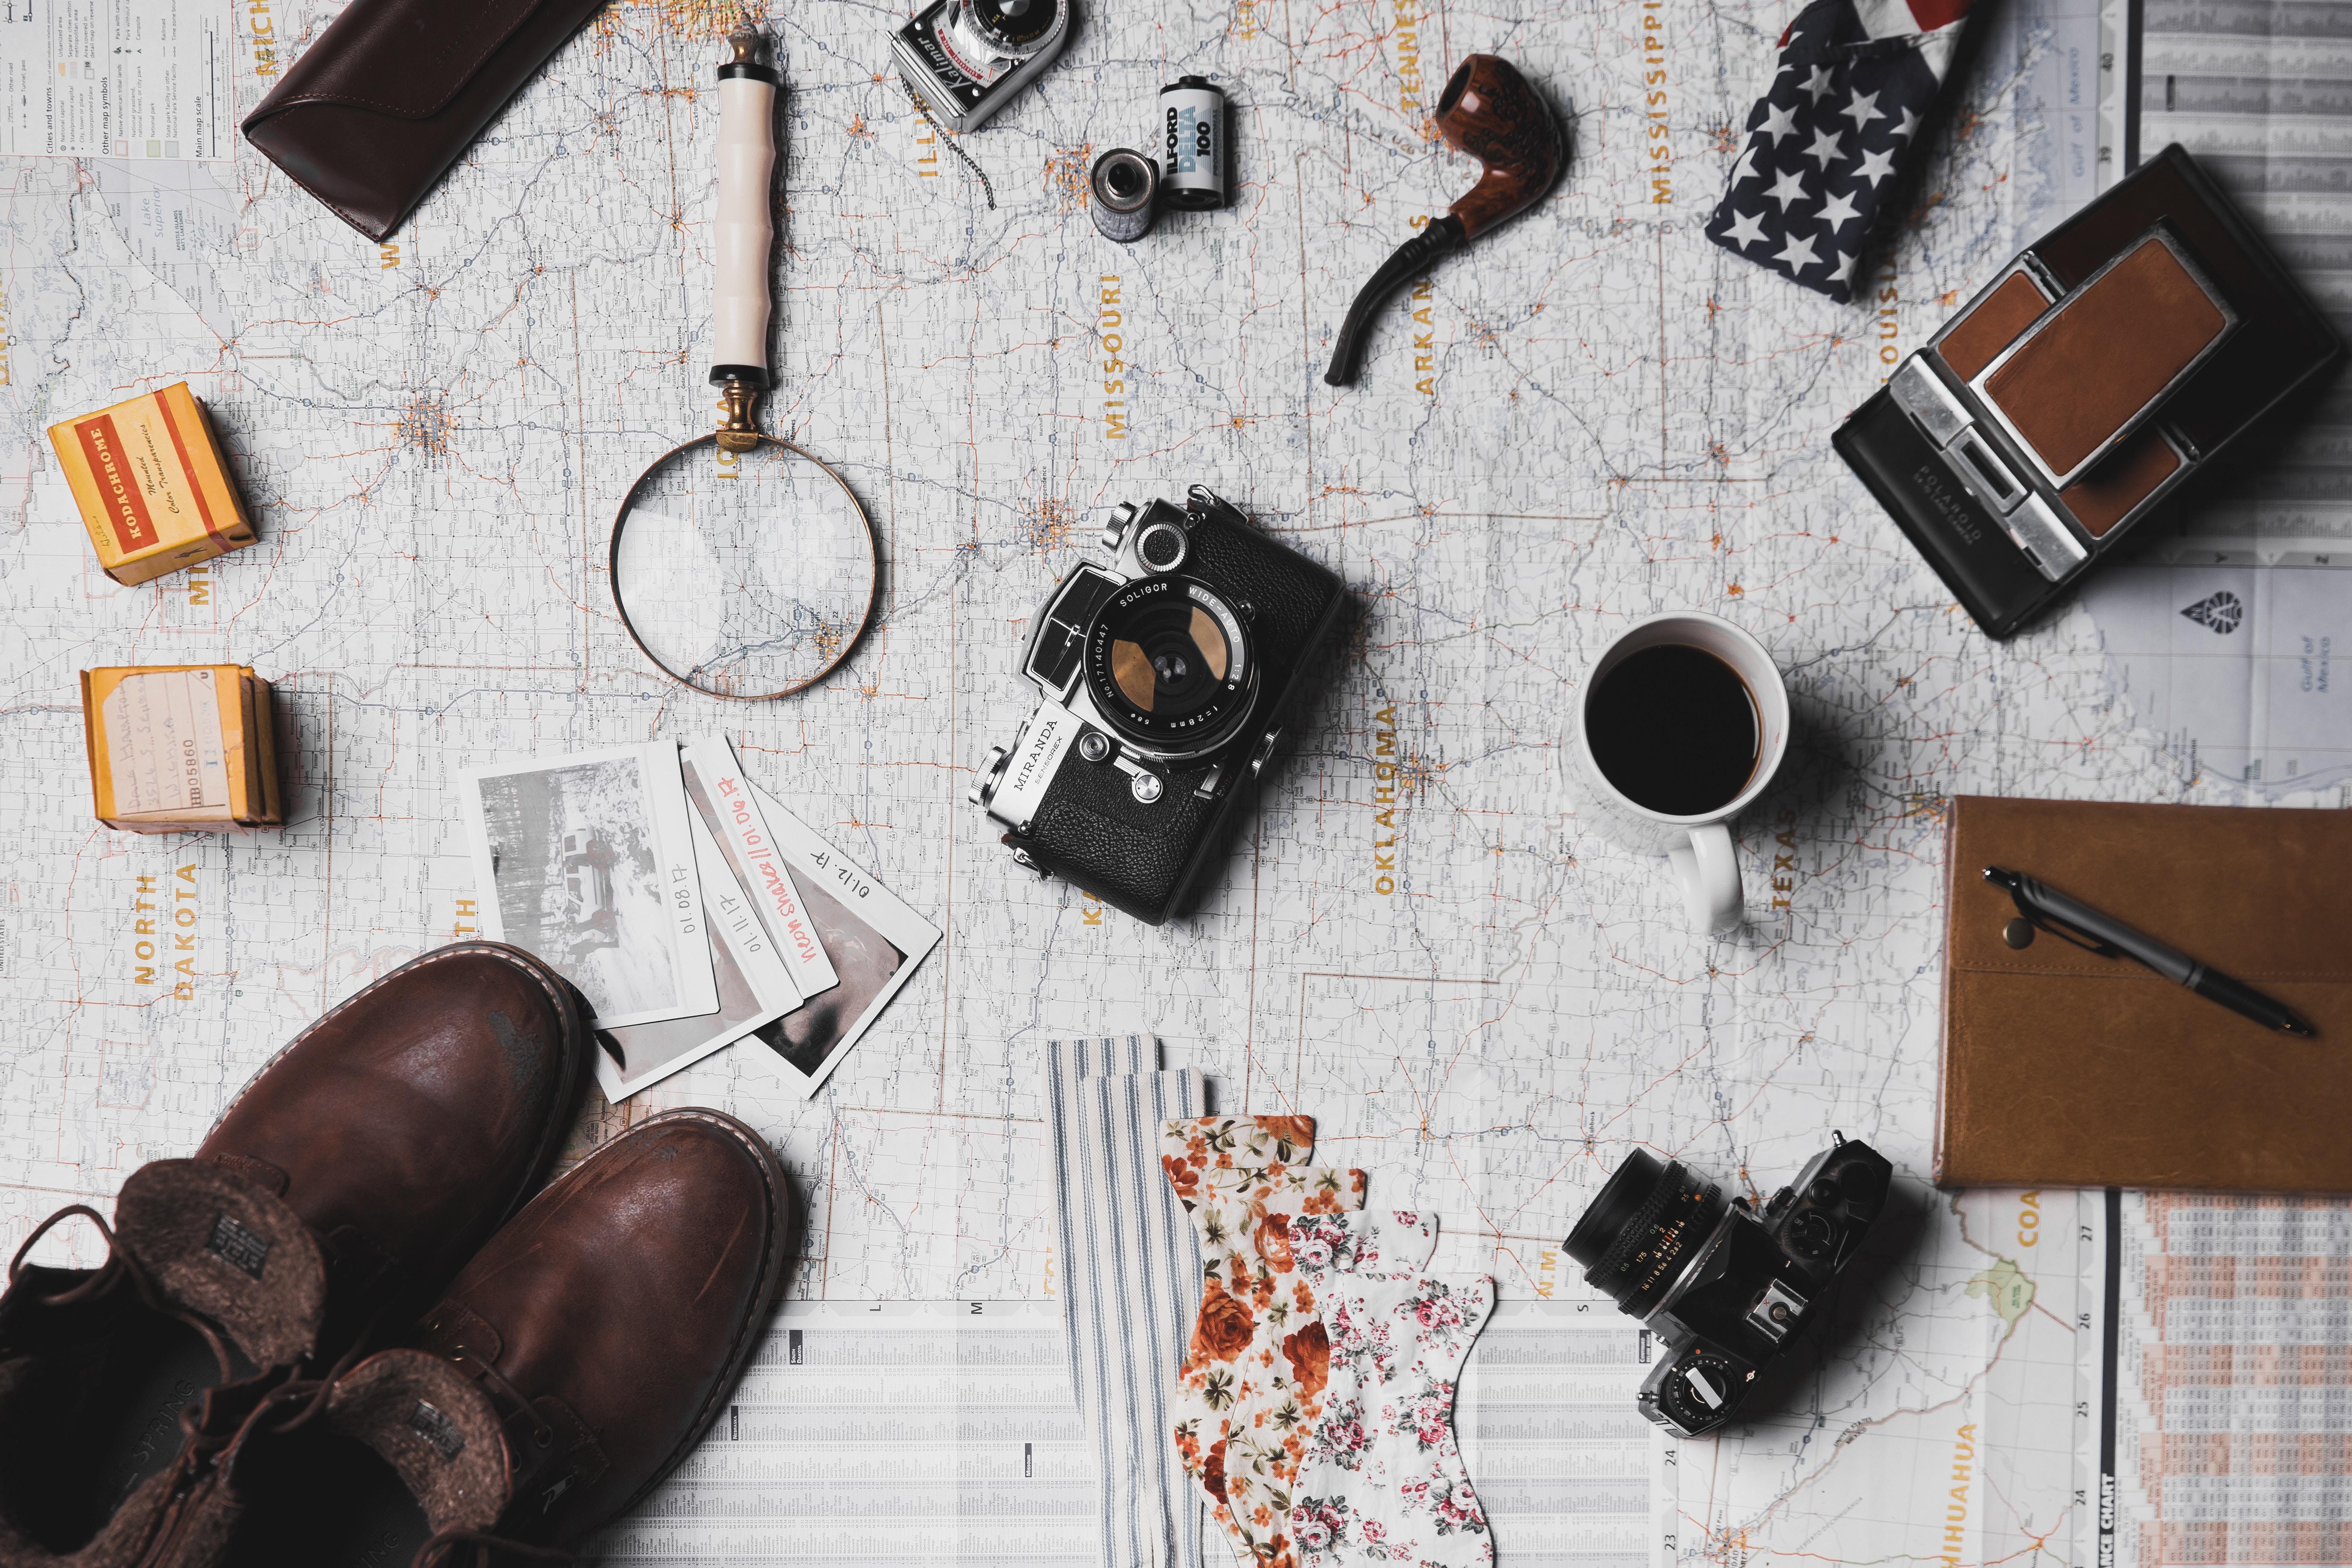 カメラや靴などの旅行用品